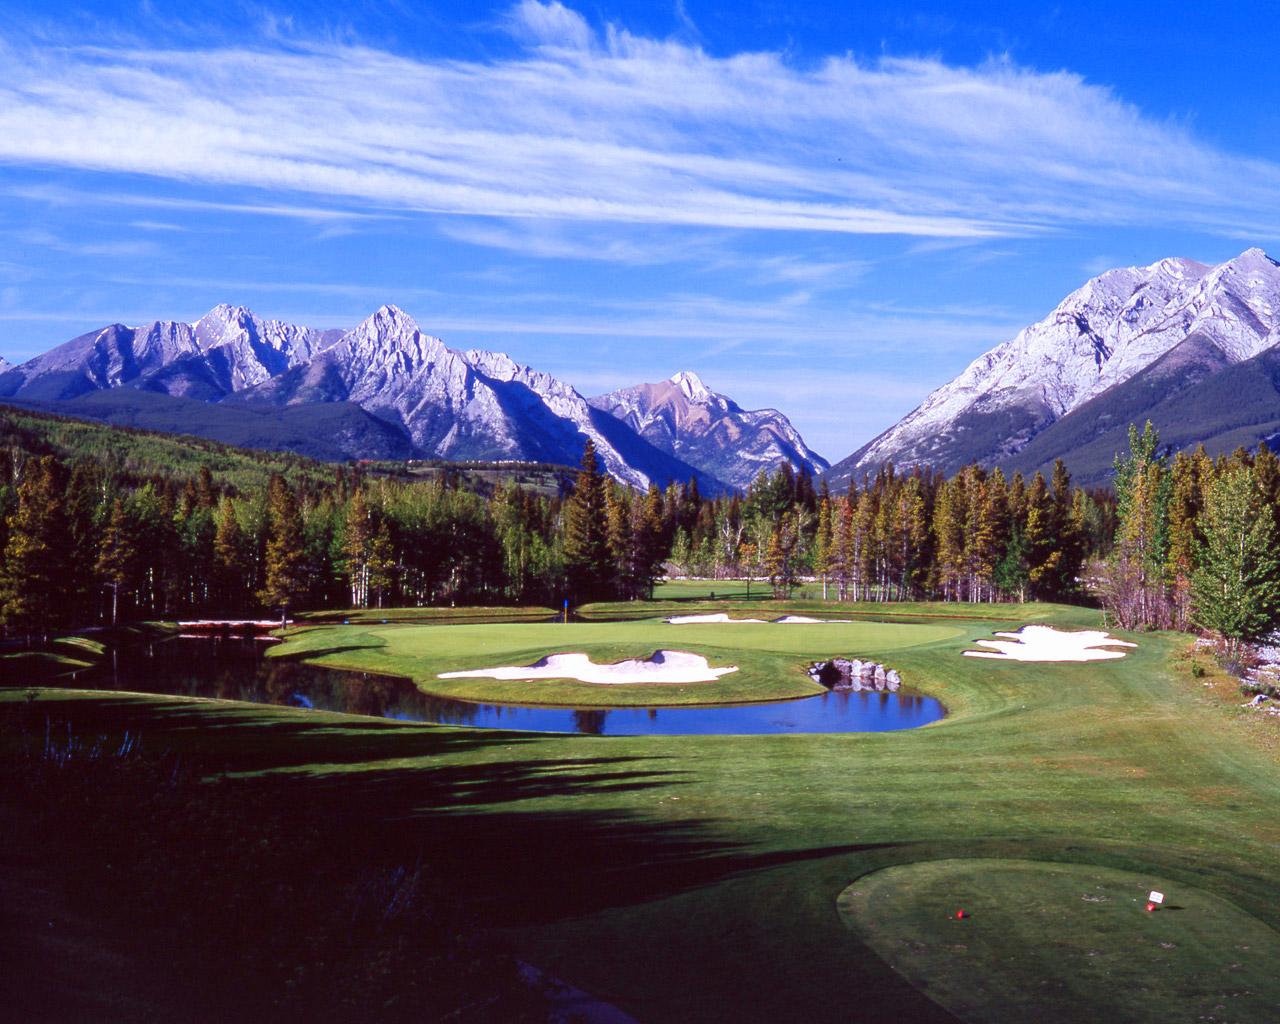 画像はちょっとお借りしてきちゃいましたこんなステキなゴルフ場でラウンドし... あけましておめで